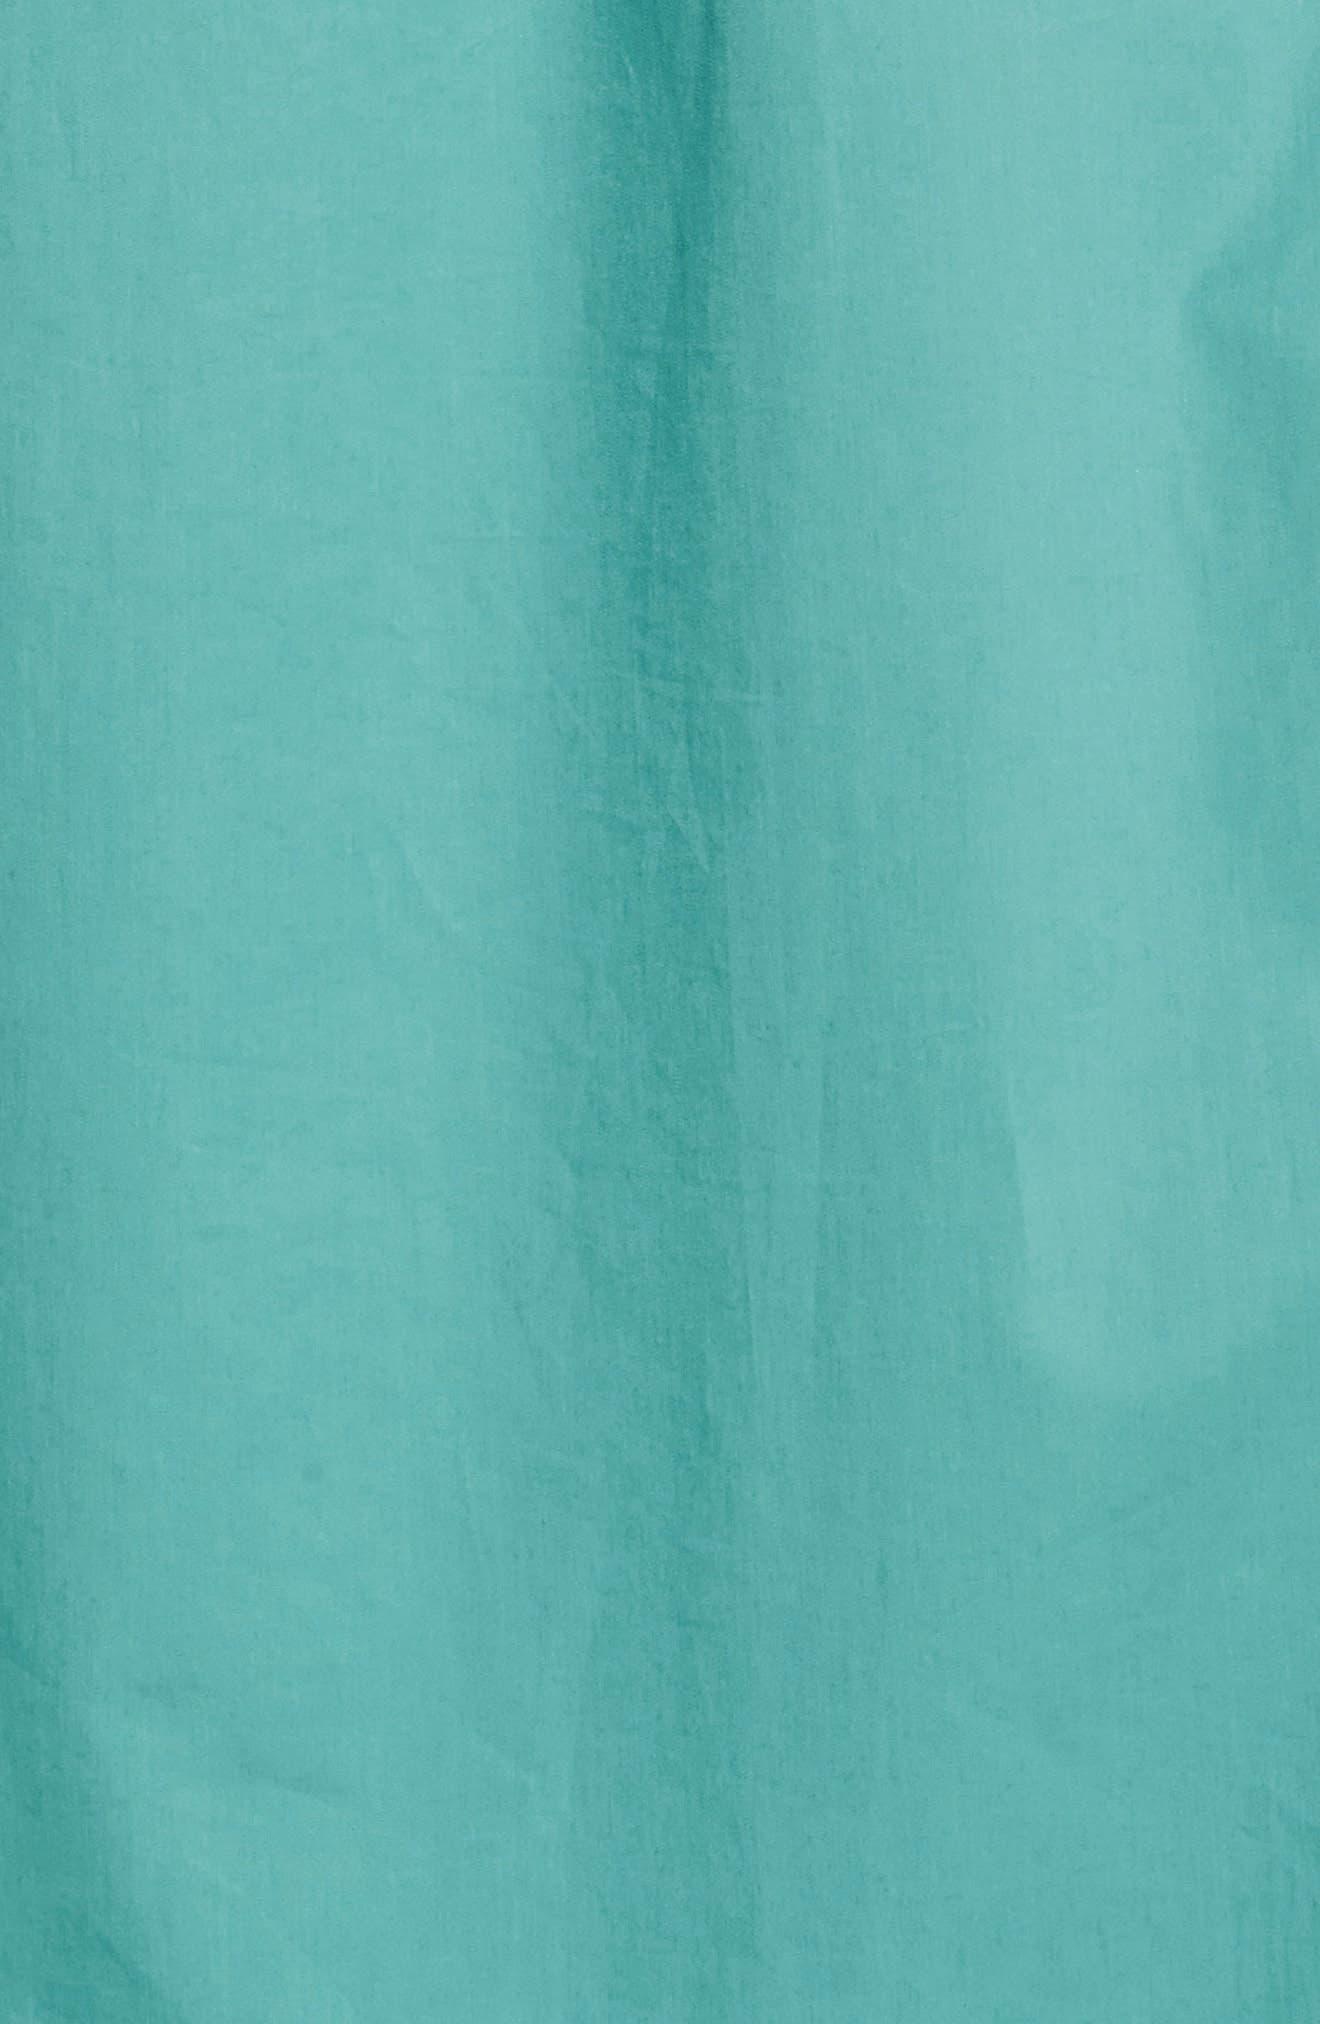 Cotton One-Shoulder Dress,                             Alternate thumbnail 6, color,                             442